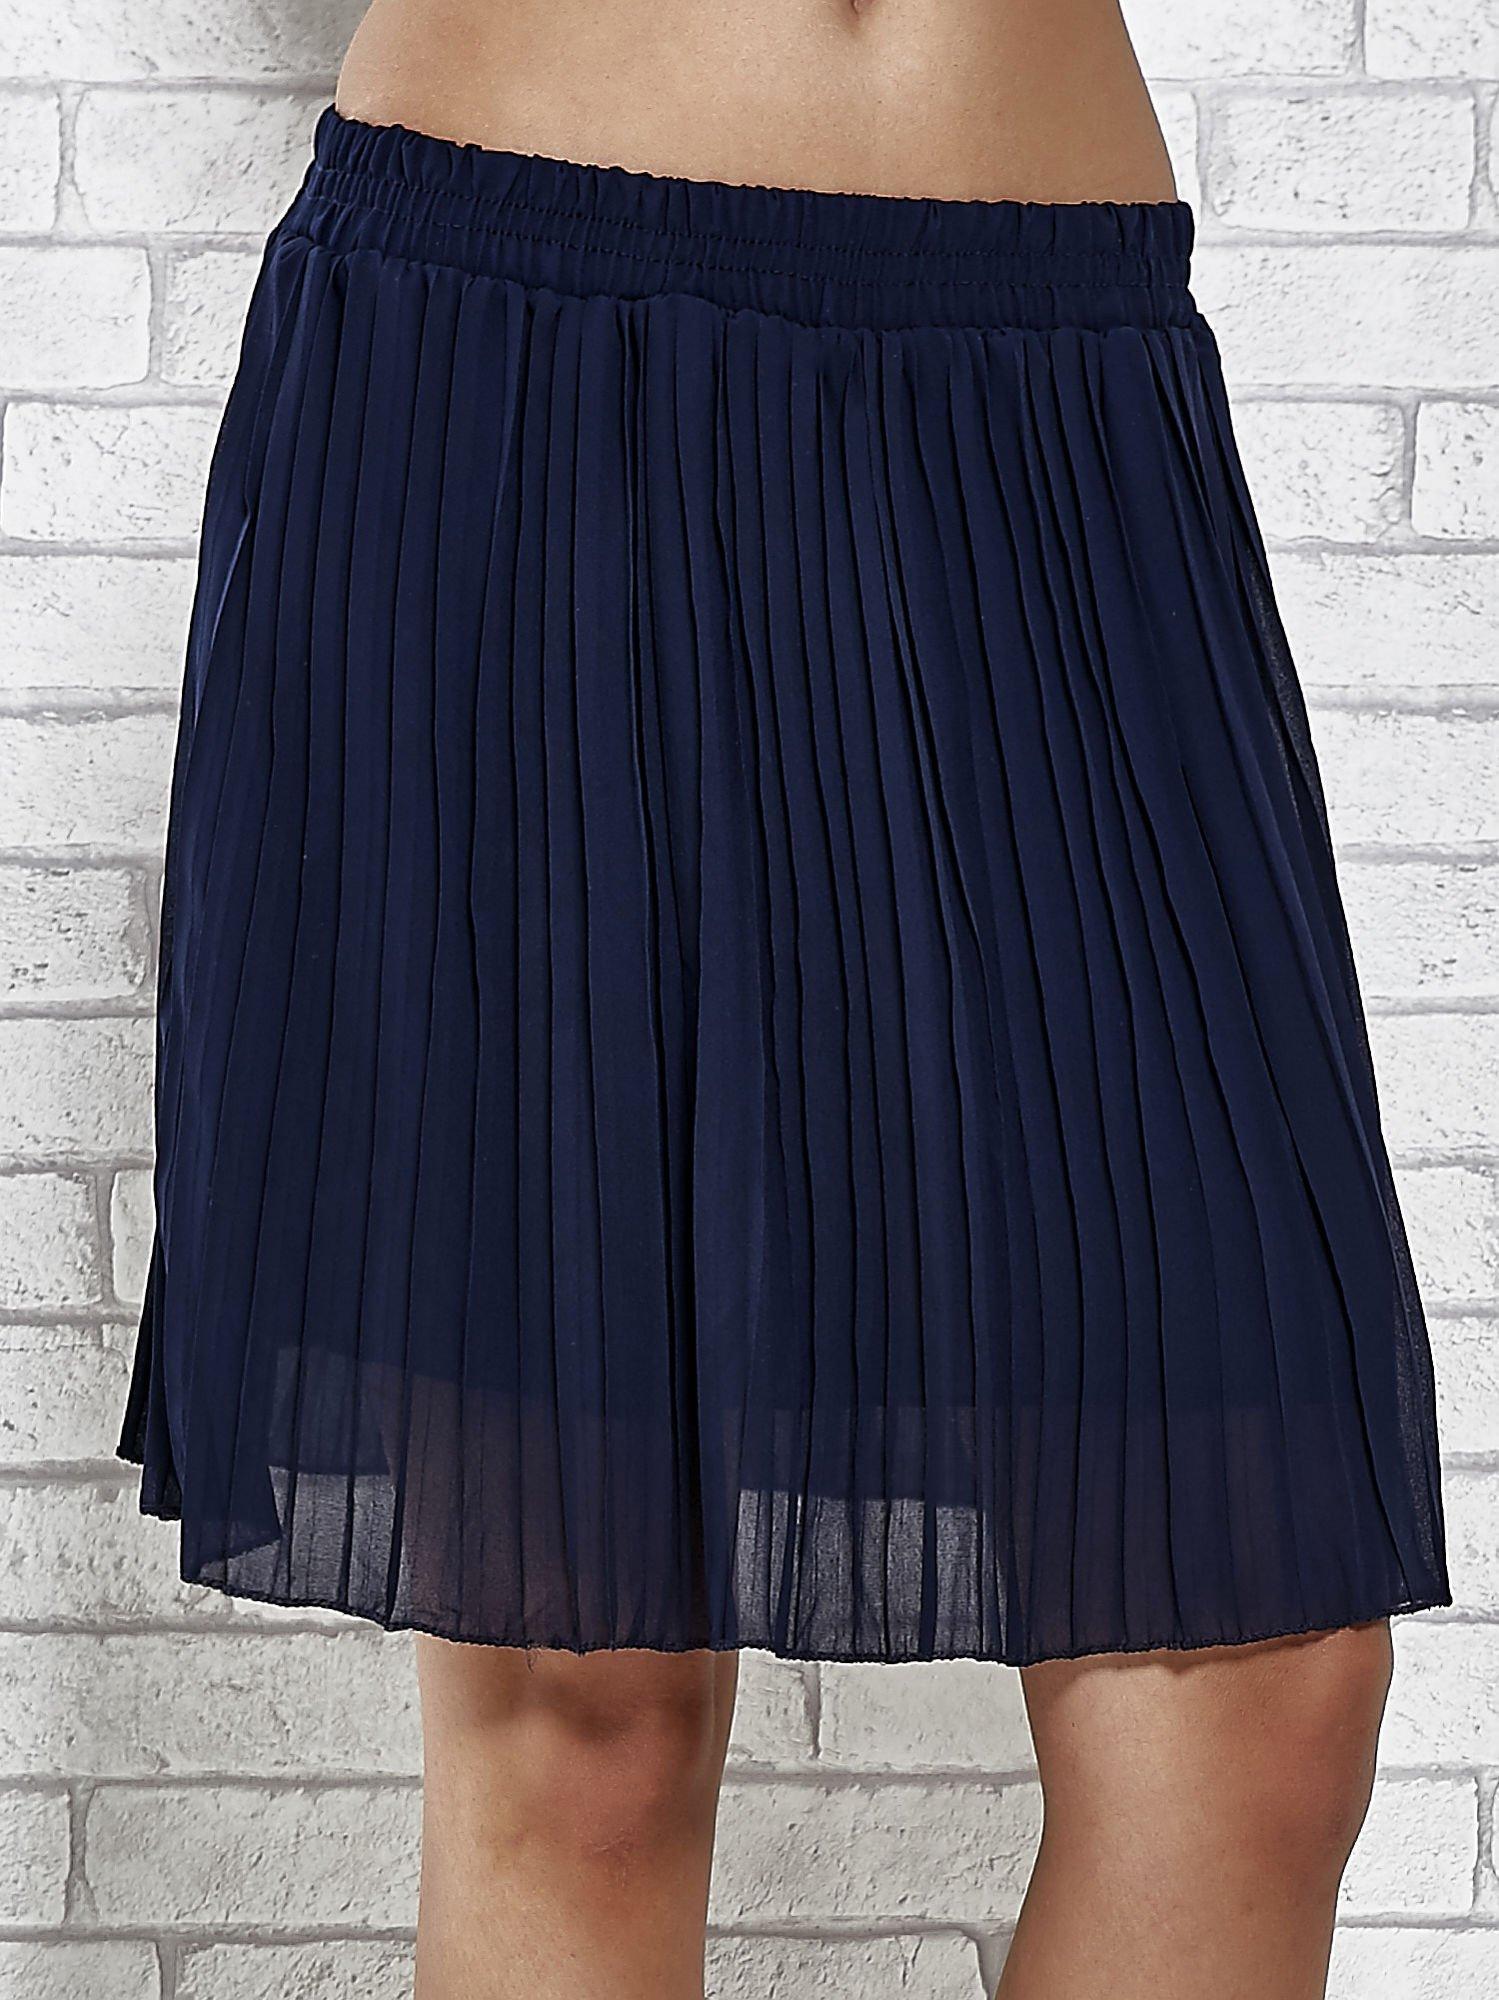 Granatowa plisowana spódnica do kolan                                  zdj.                                  1